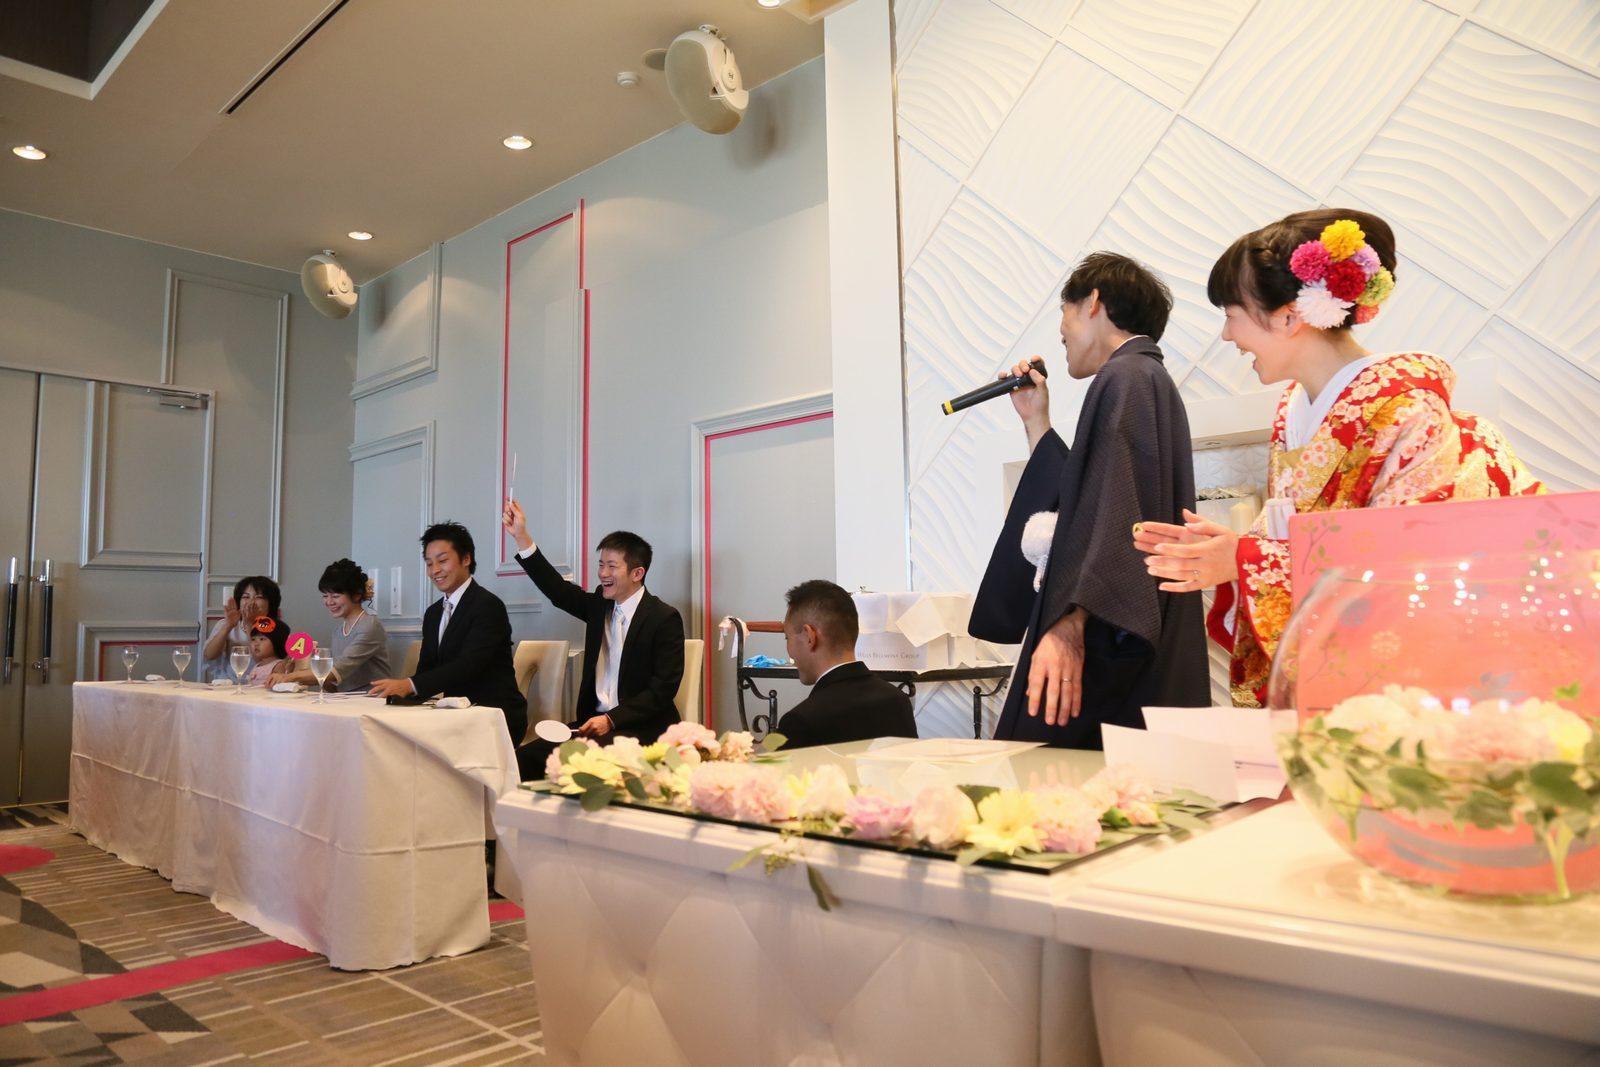 徳島市の結婚式場ブランアンジュで披露宴でのゲスト参加のフリータイム